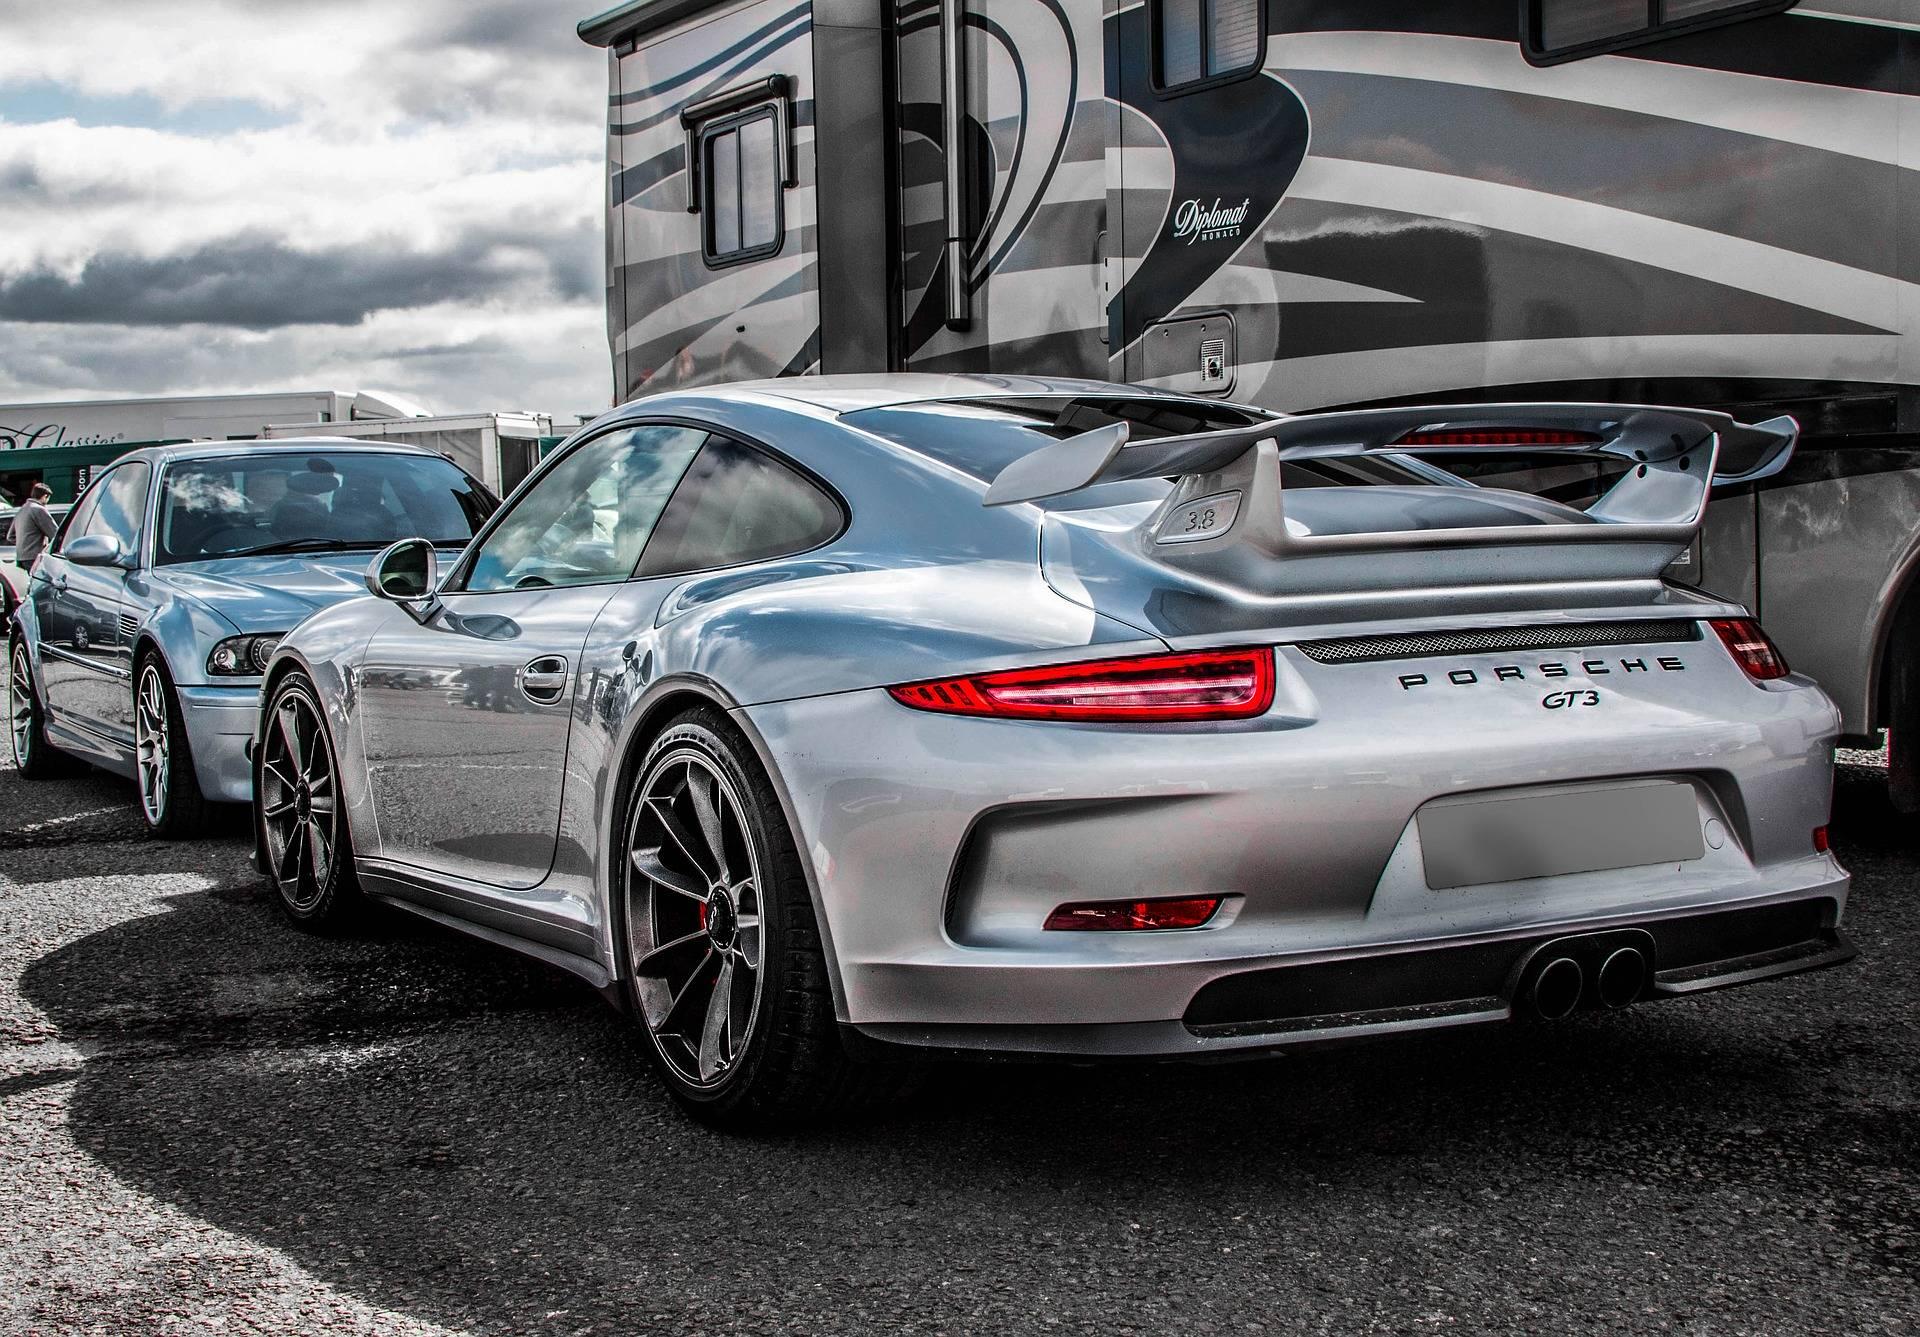 Porsche a coté de remorque